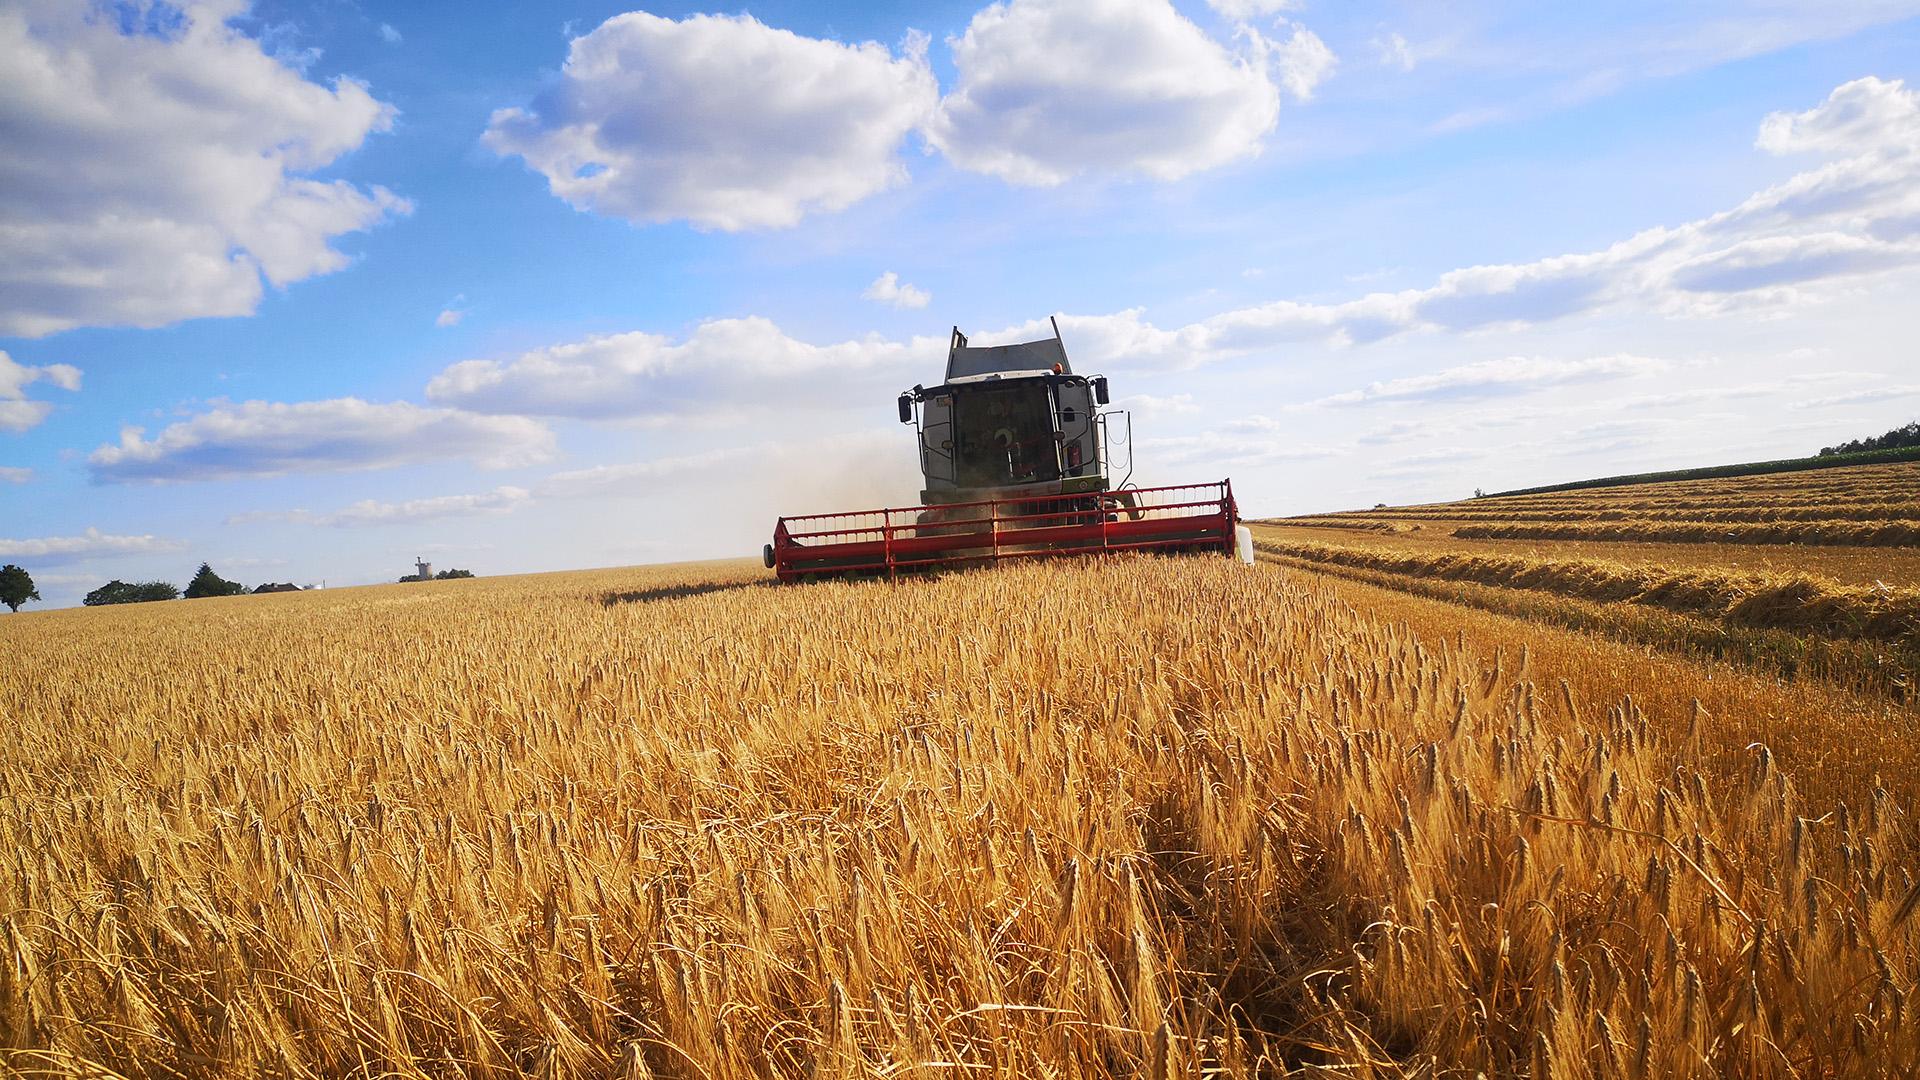 21kw13_Landwirtschaft_ci_123576